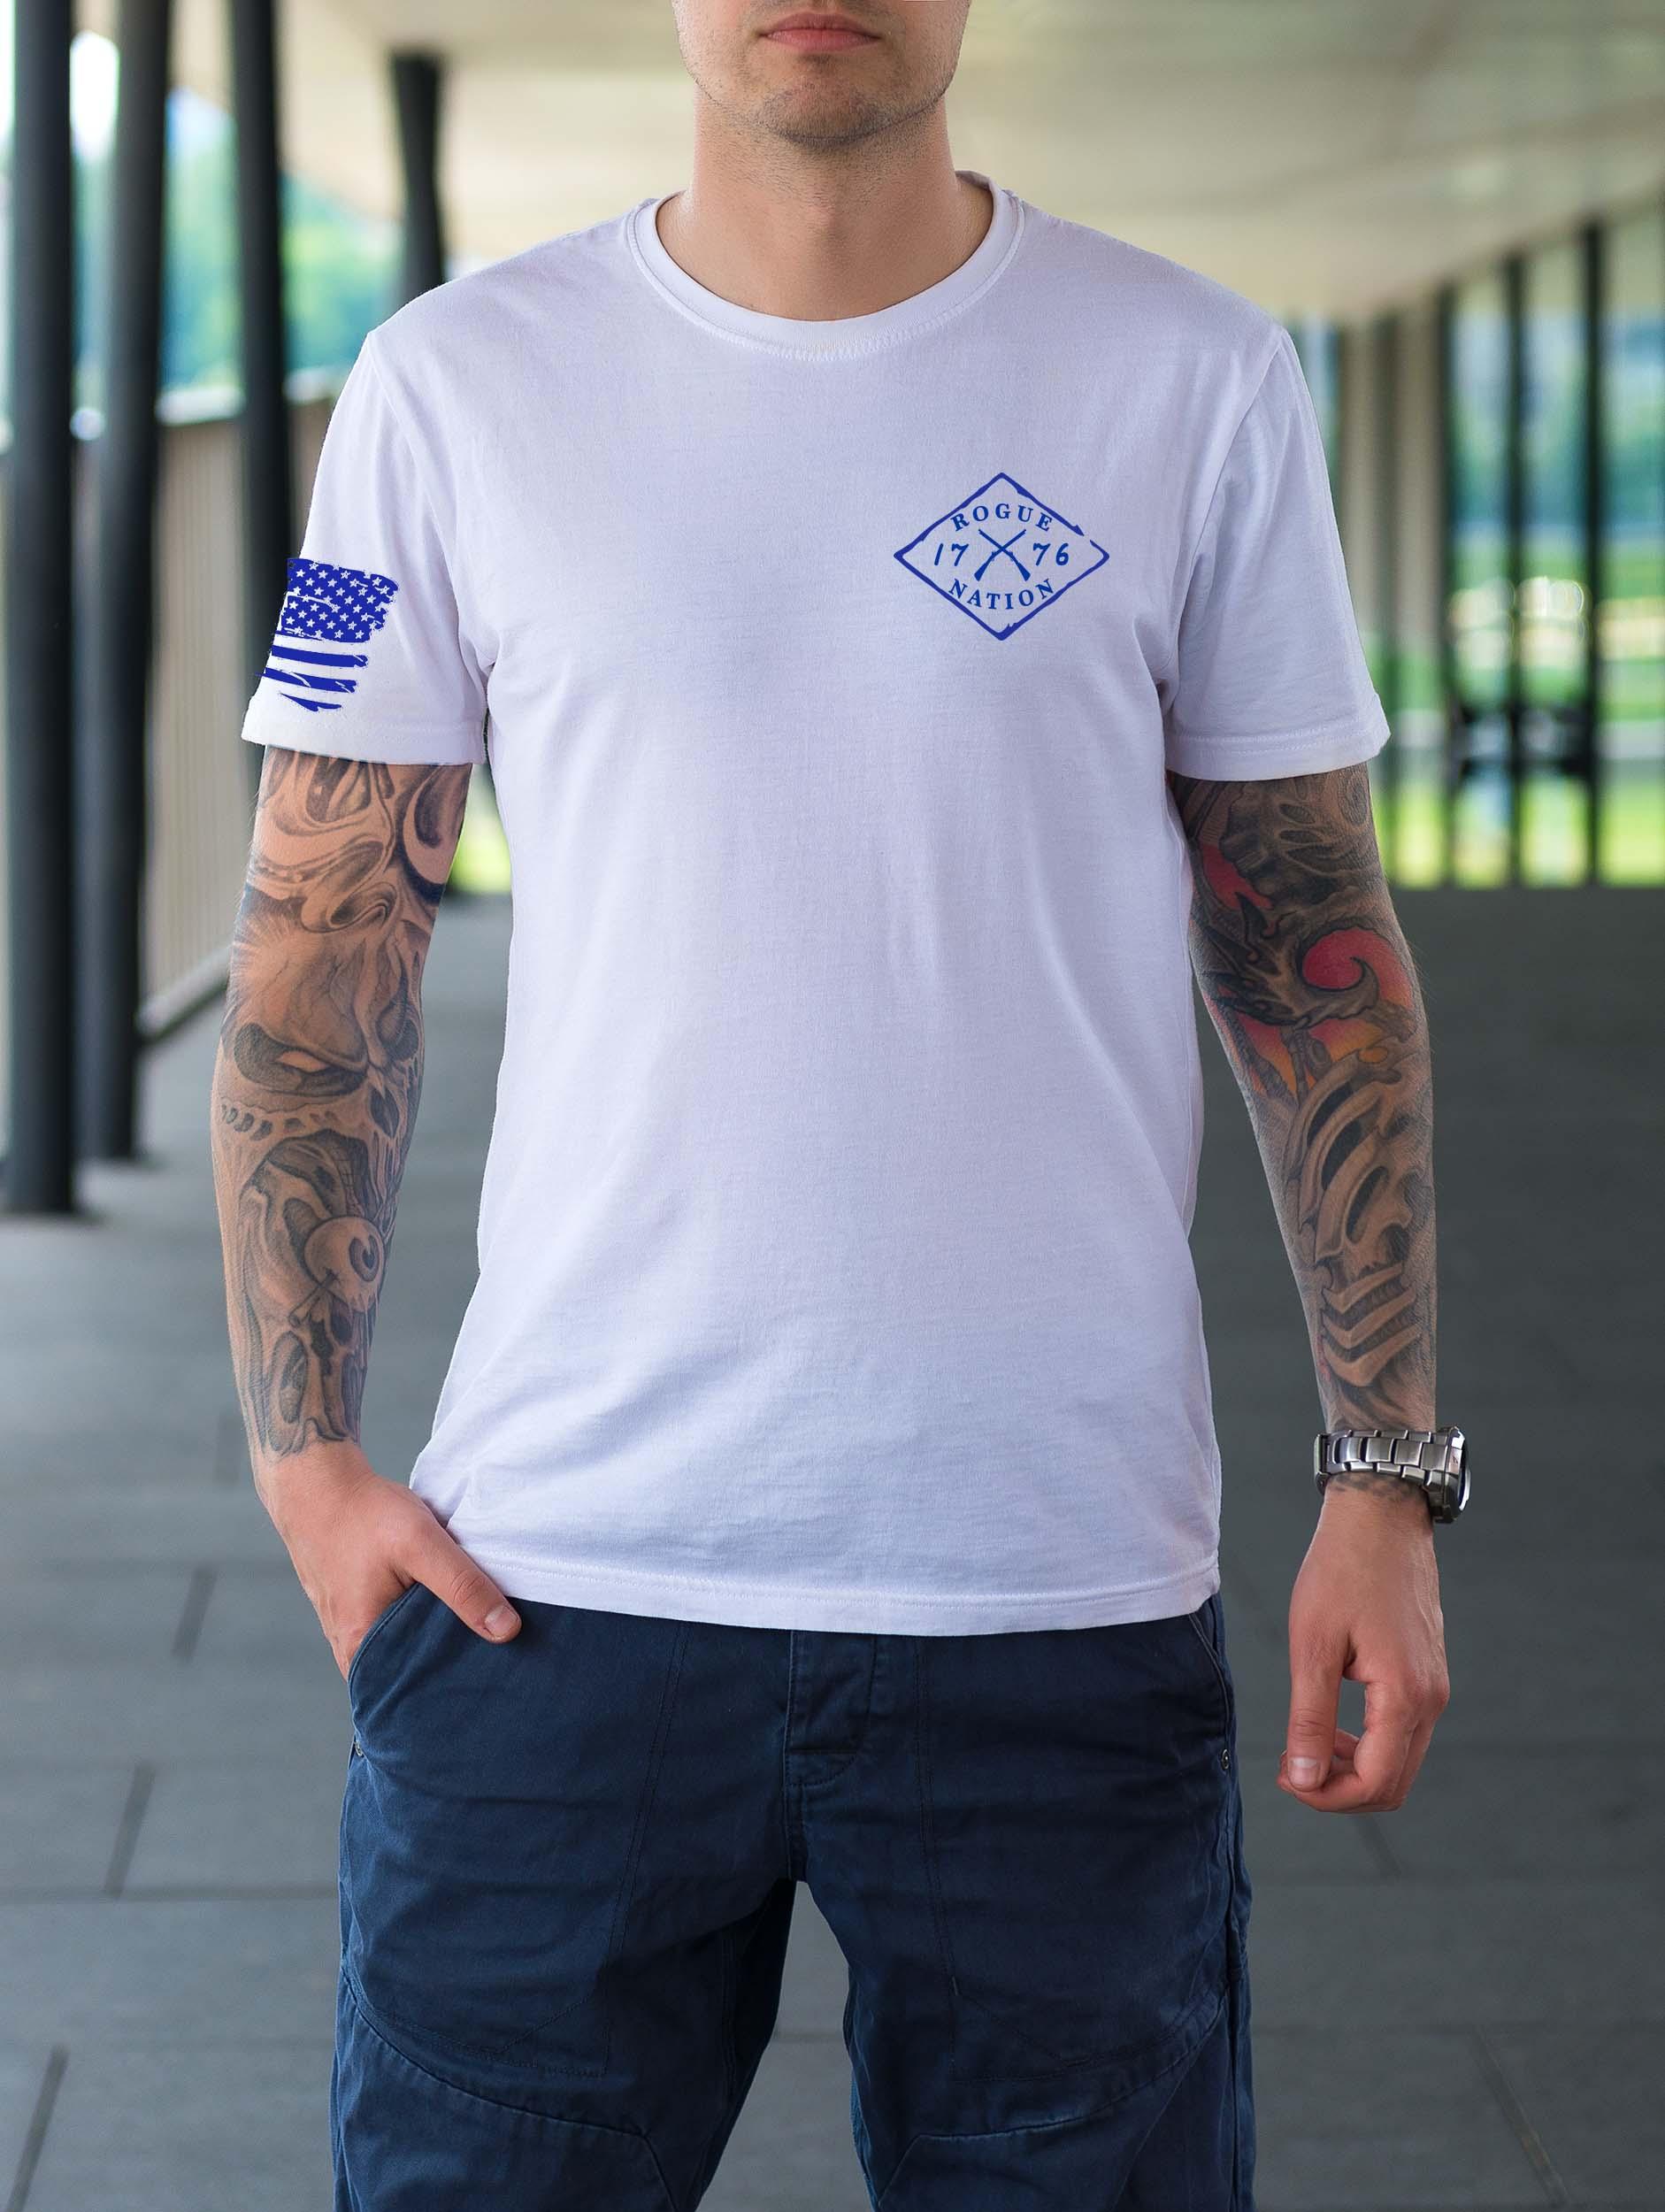 t-shirt full front blue letters on white men's